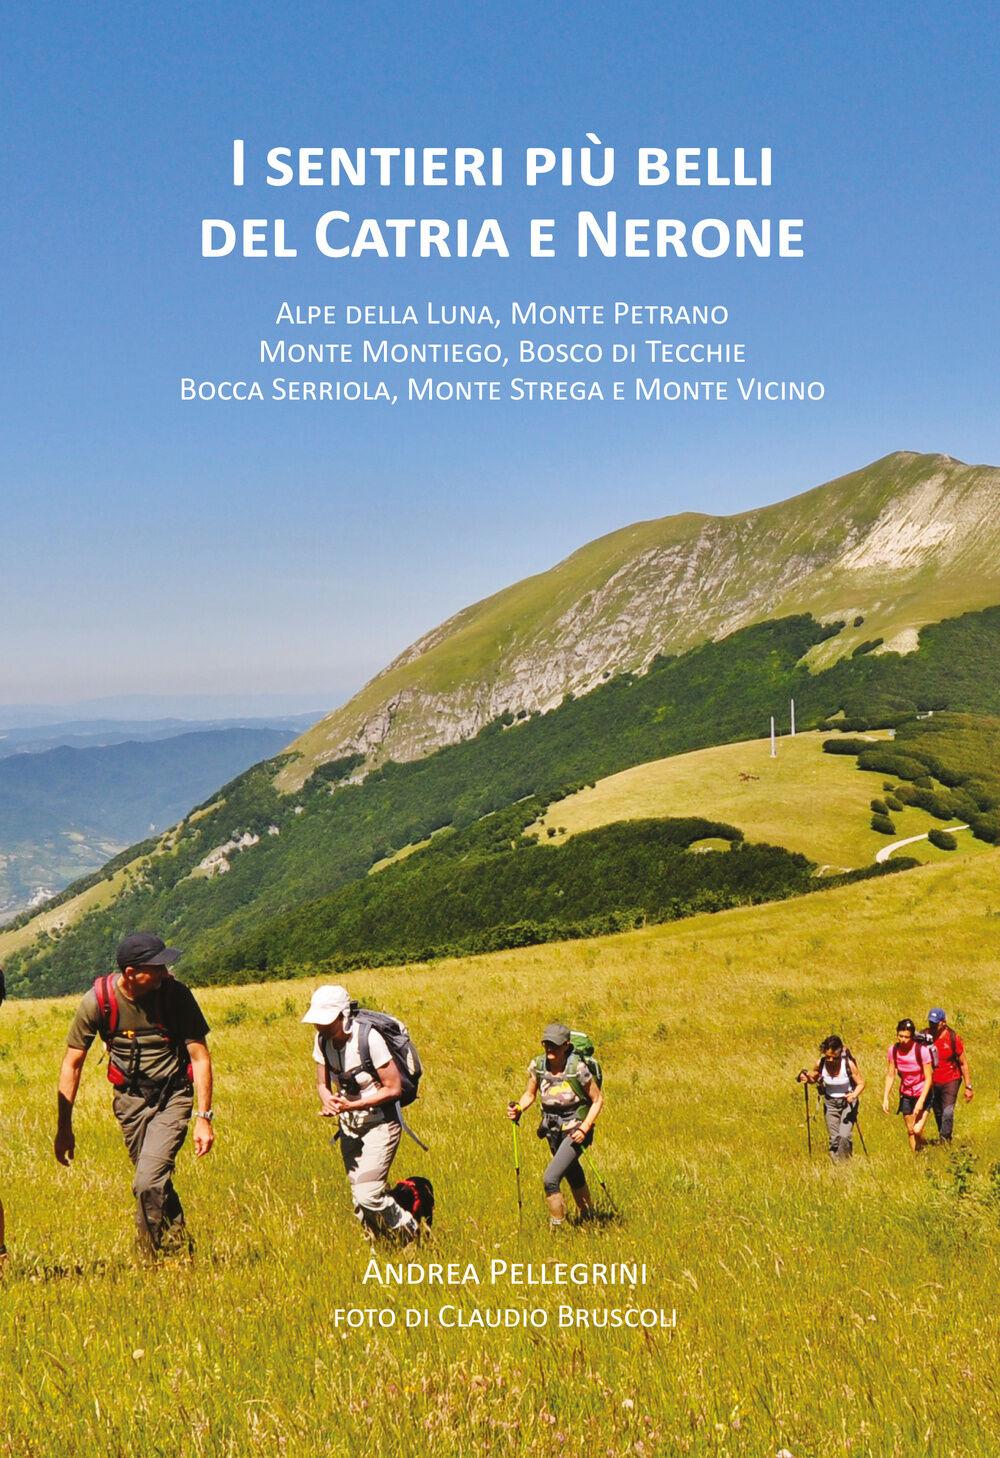 I sentieri più belli del Catria e Nerone. Alpe della Luna, monte Petrano, monte Montiego, bosco di Tecchie, bocca Serriola, monte Strega e monte Vicino